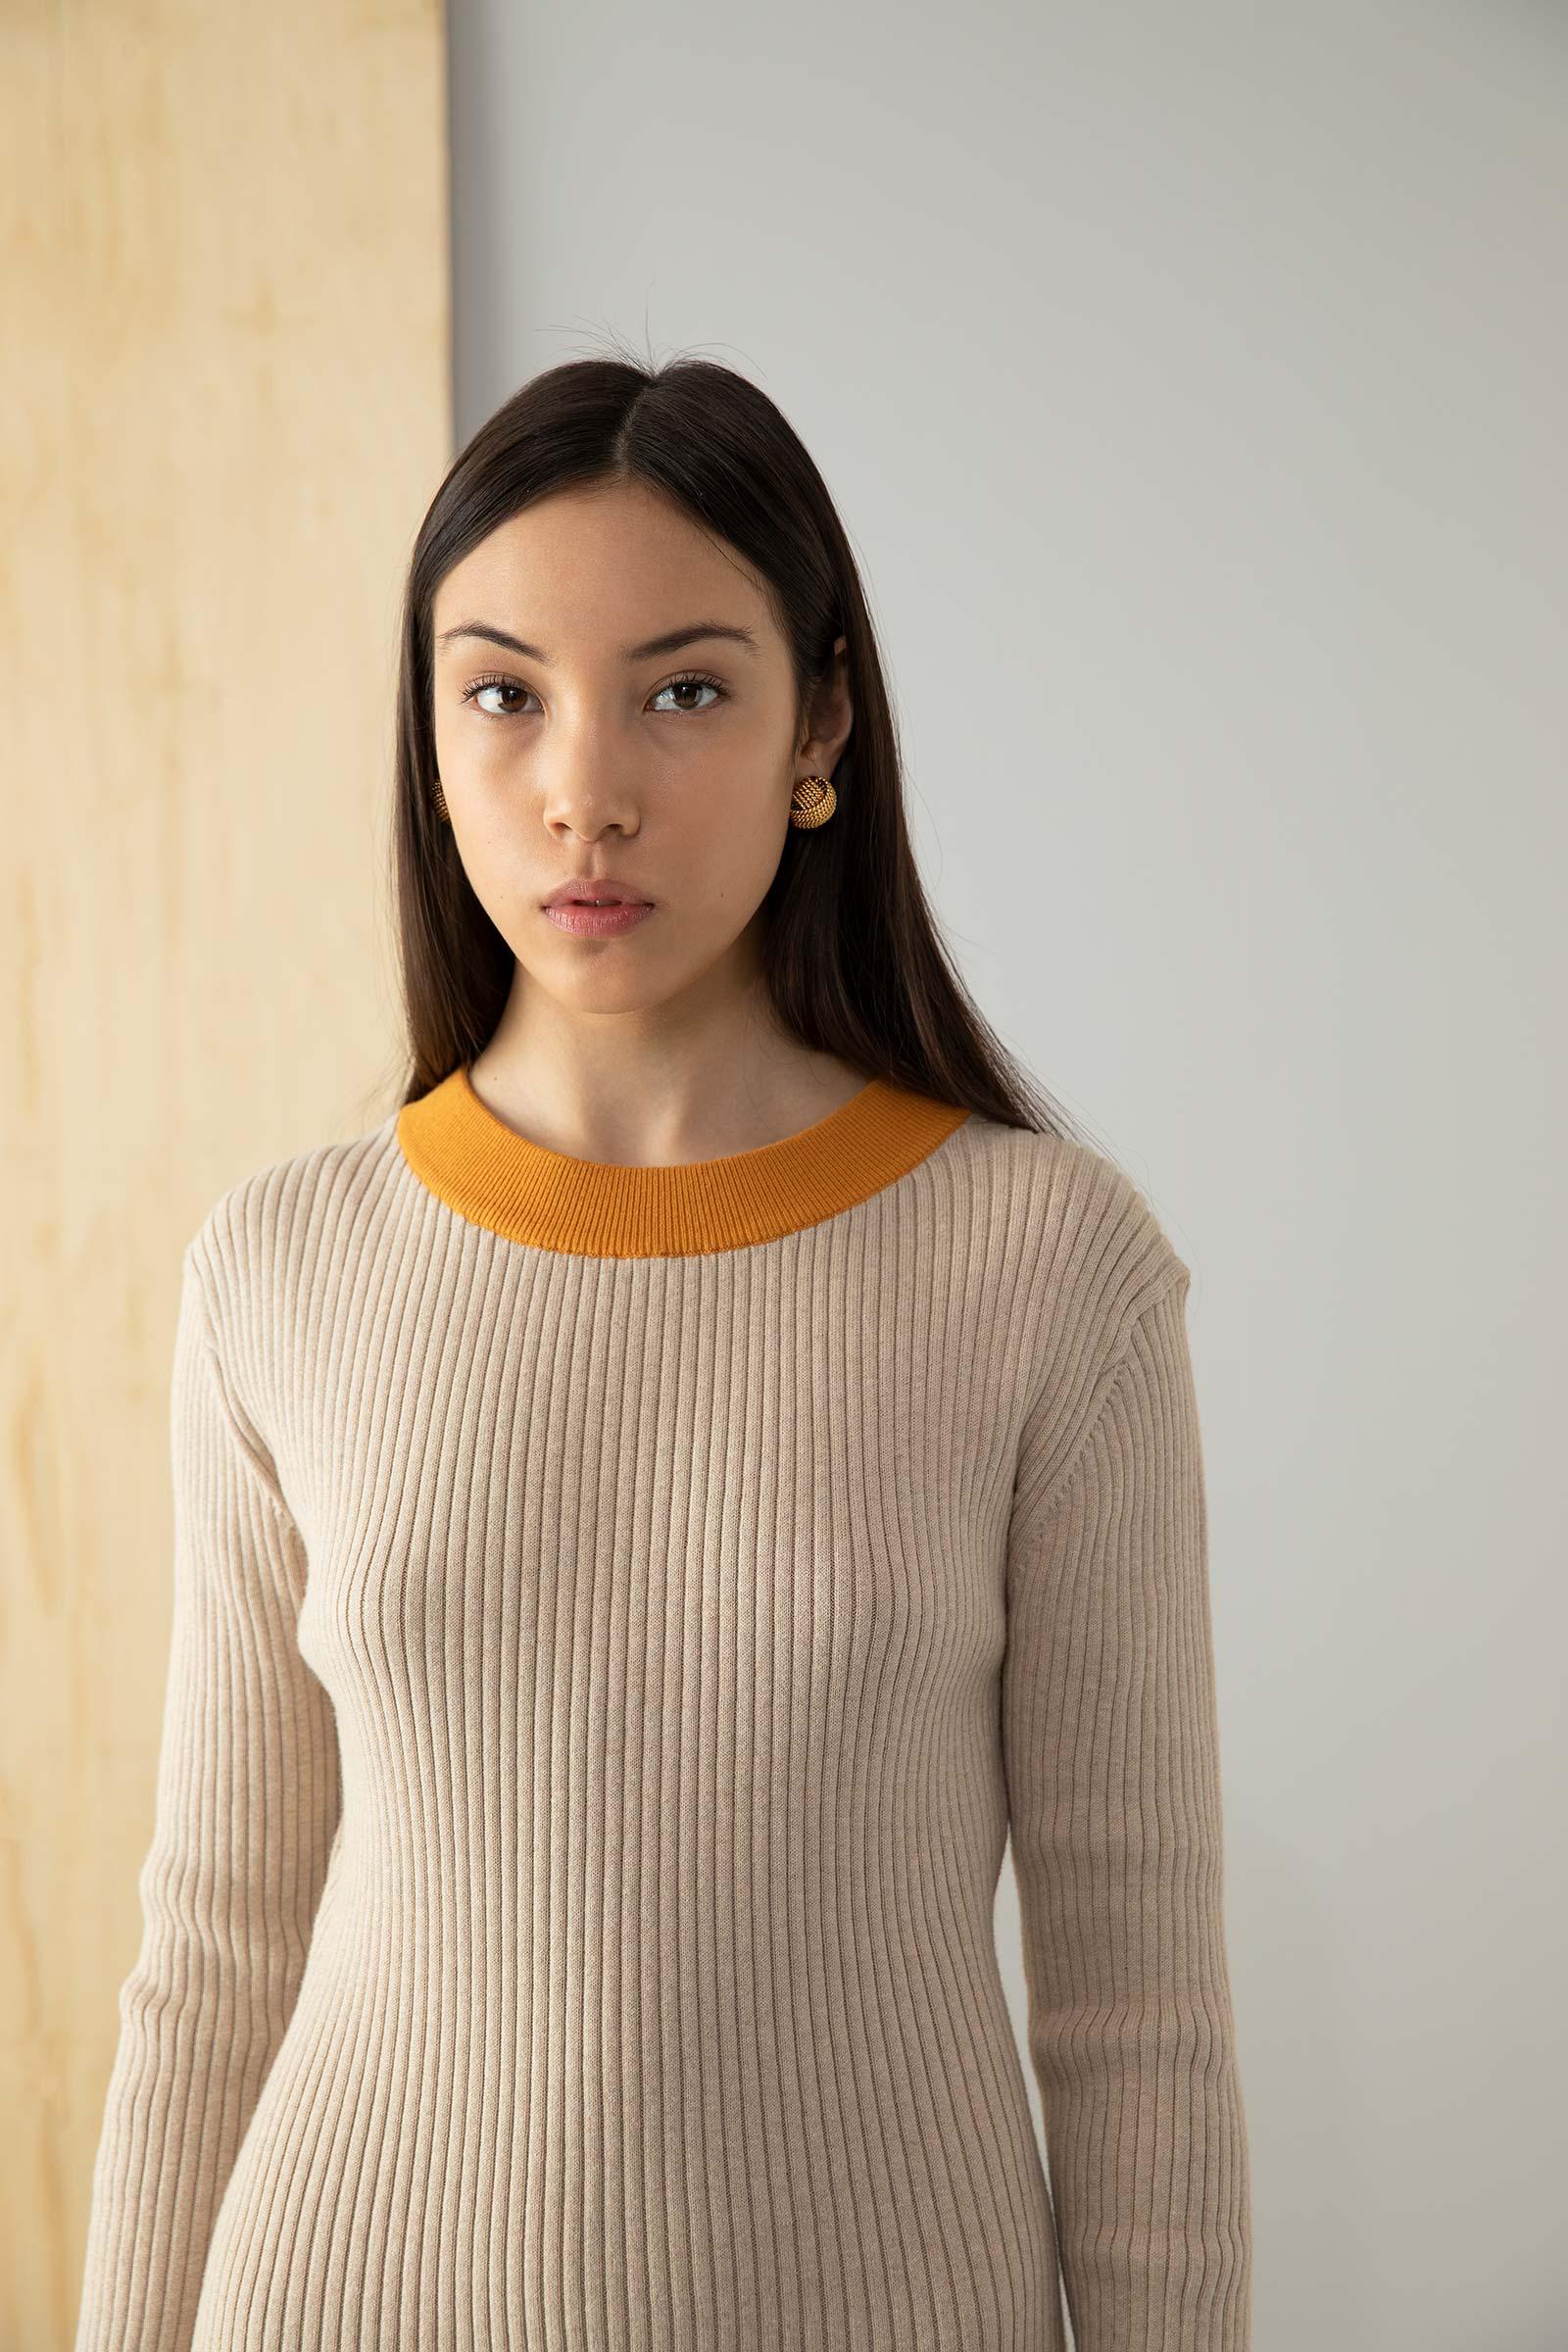 Modell i färglada kläder fotograferad i studio